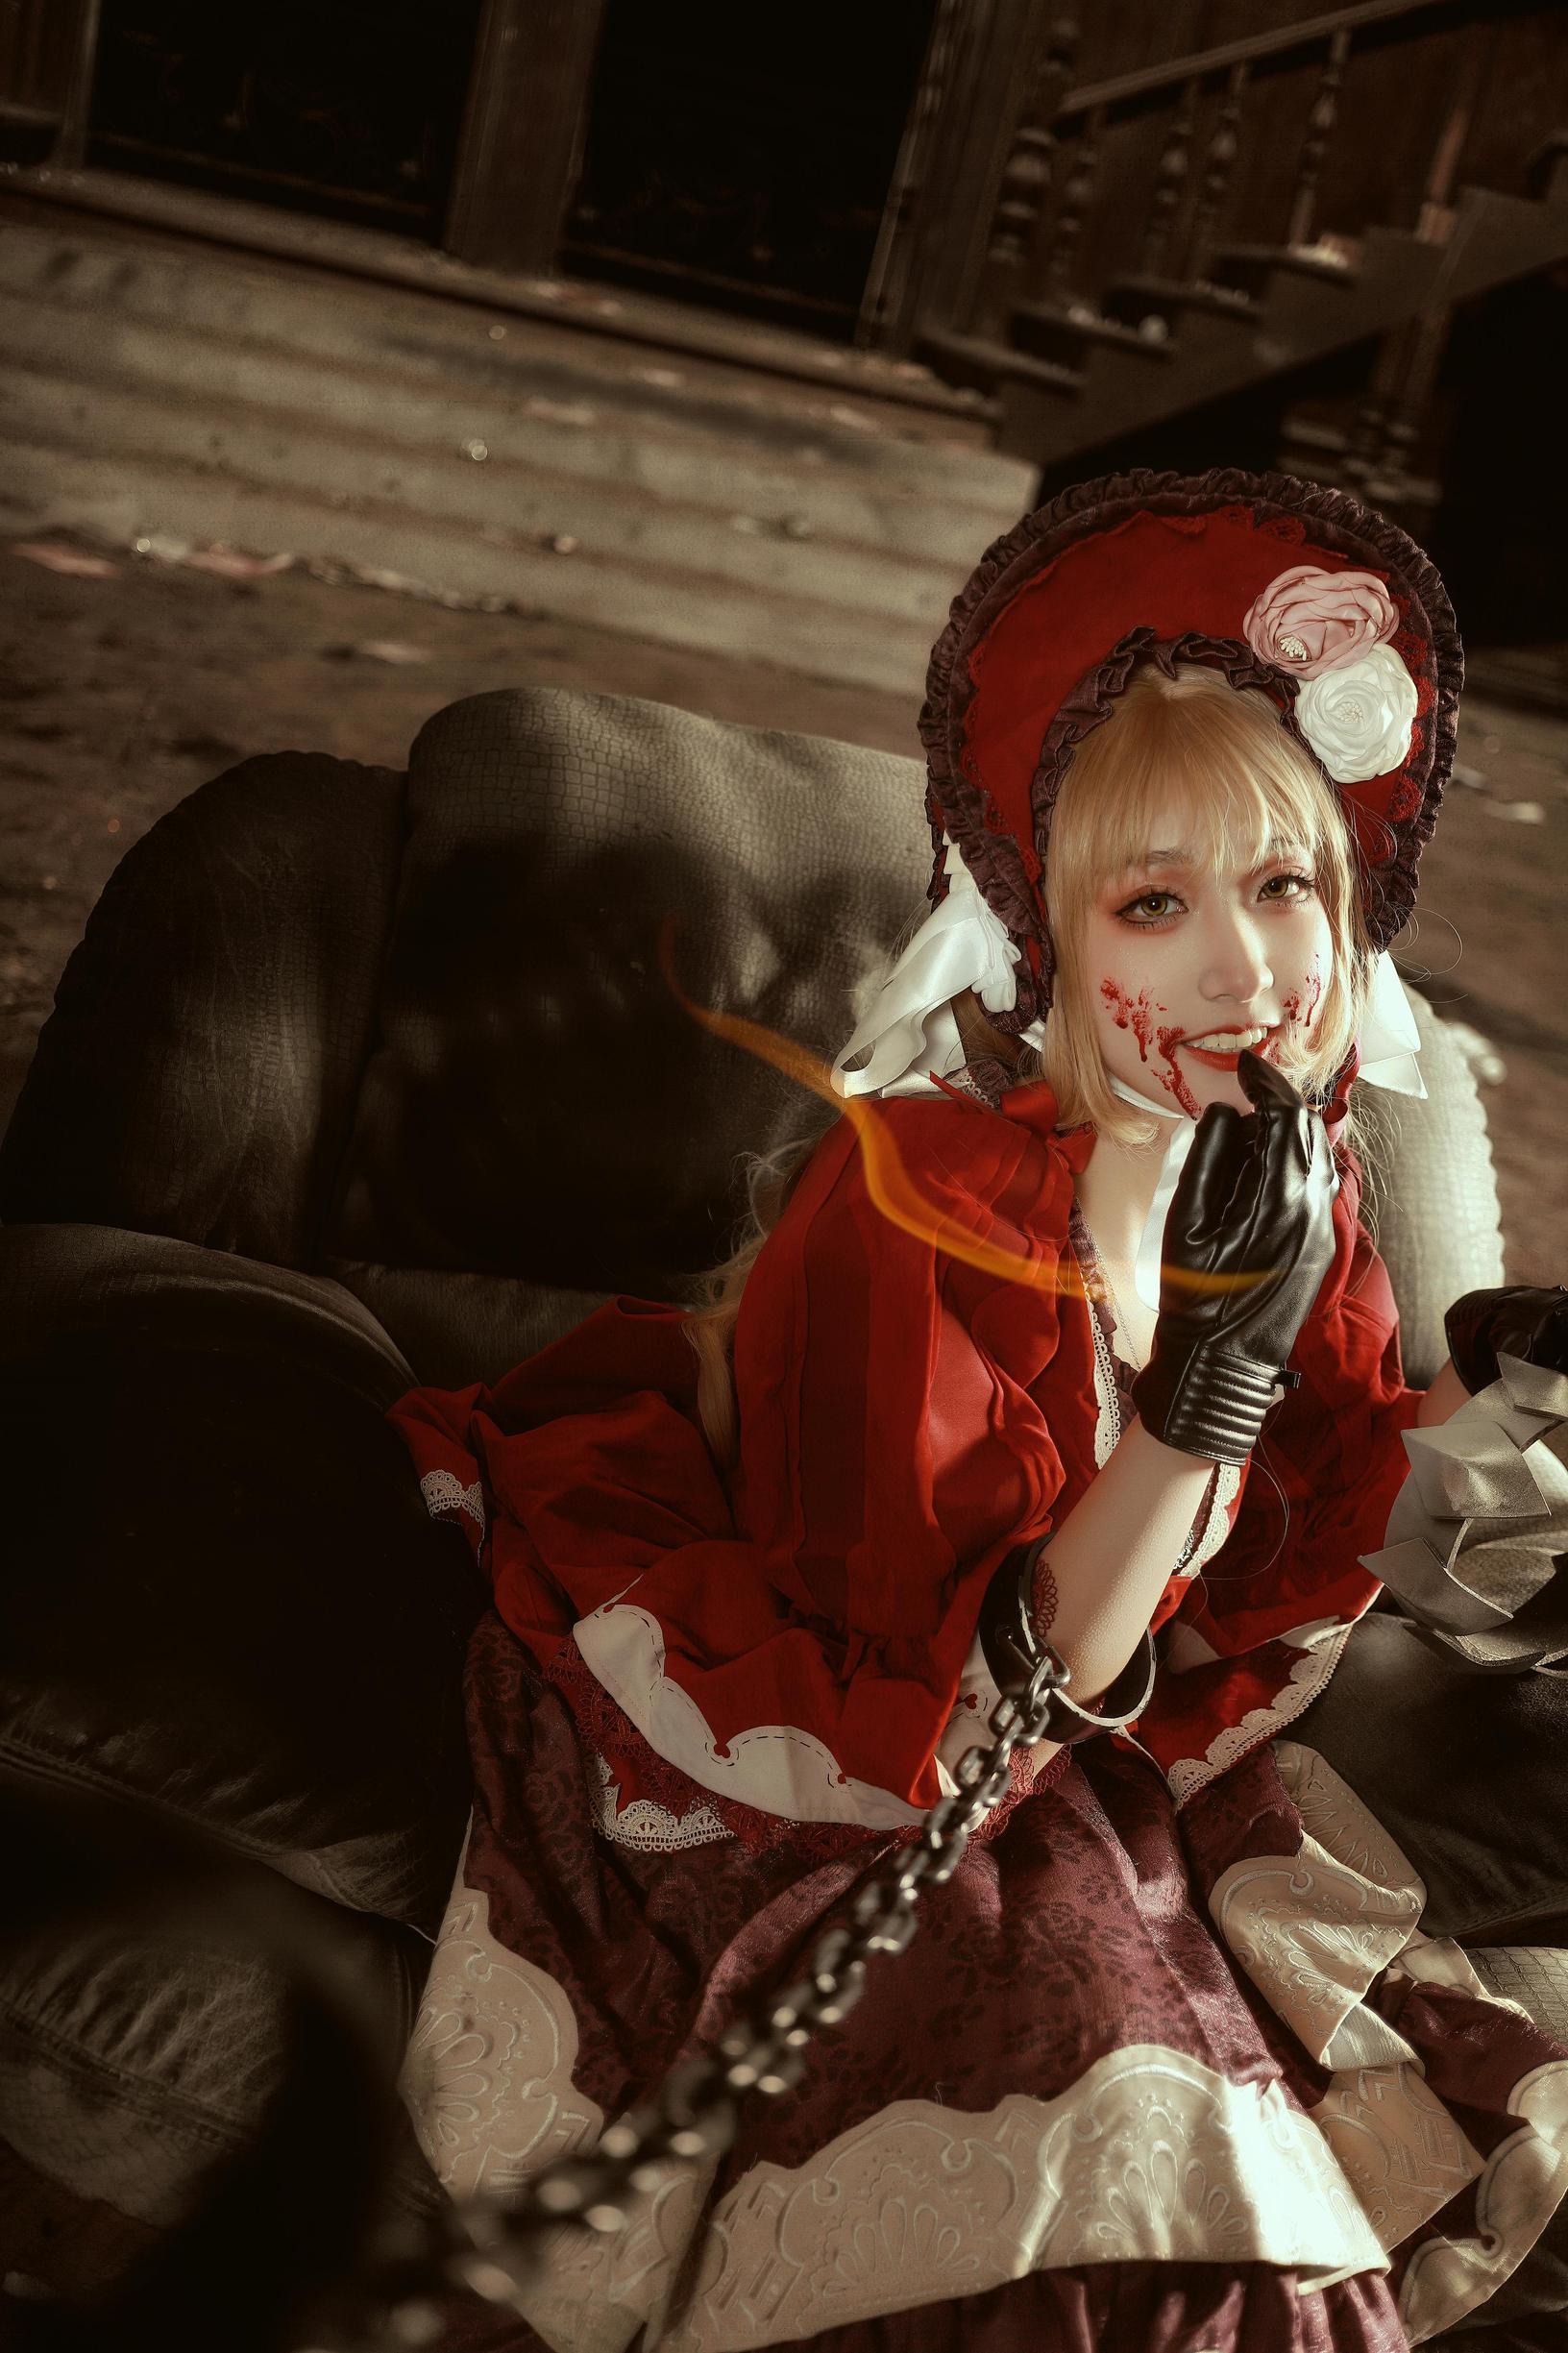 《死亡爱丽丝》游戏cosplay【CN:墓入安泽】-第15张